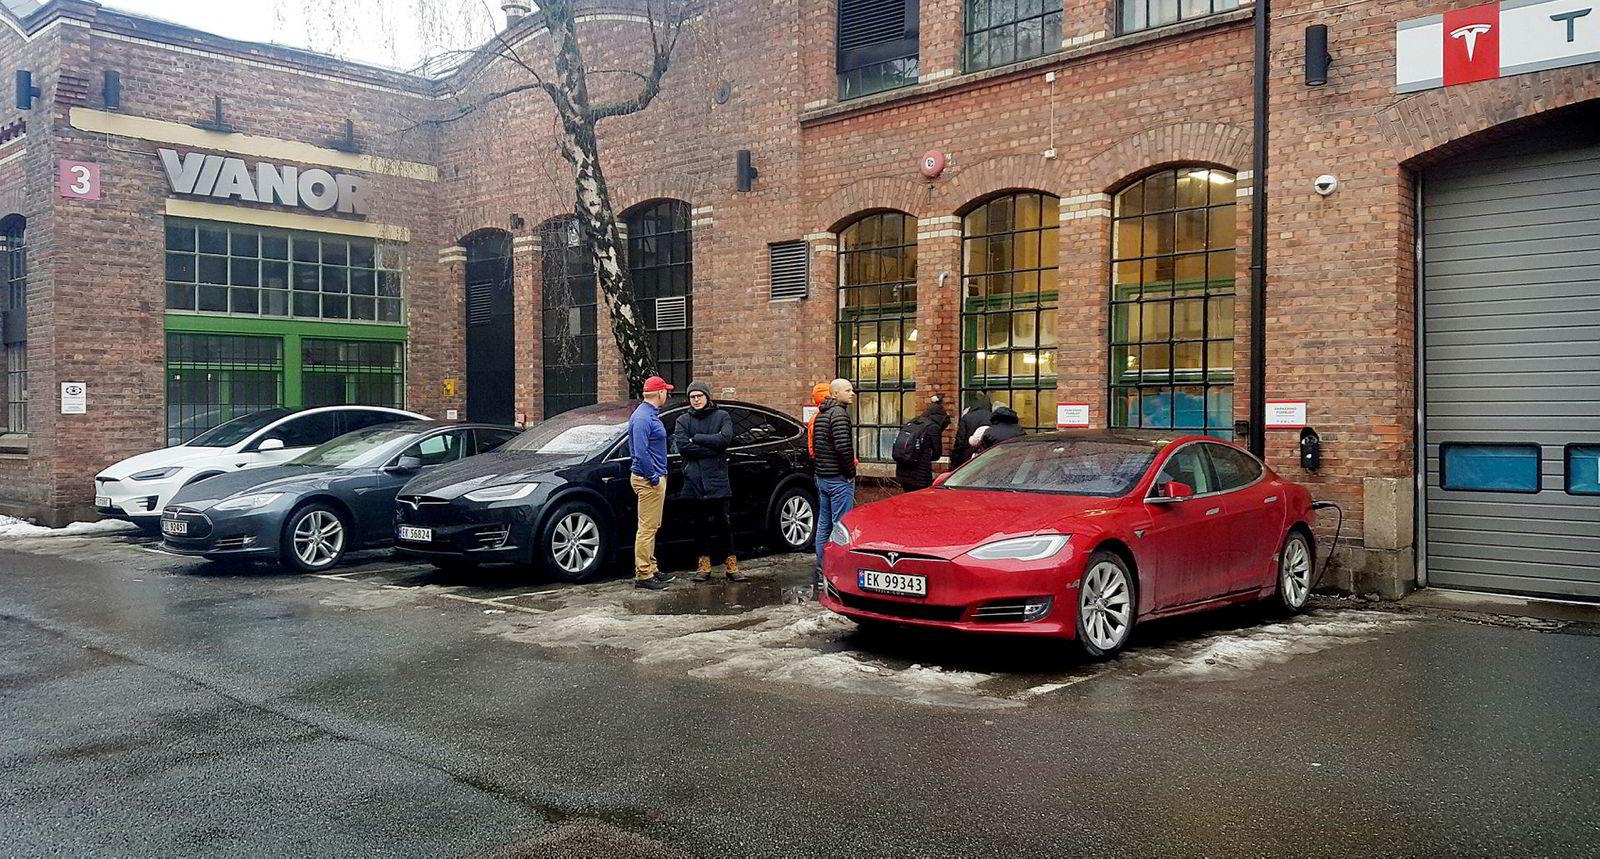 Et lite knippe mennesker forsøker å få et glimt av Tesla sjefen utenfor kontorene på skøyen.